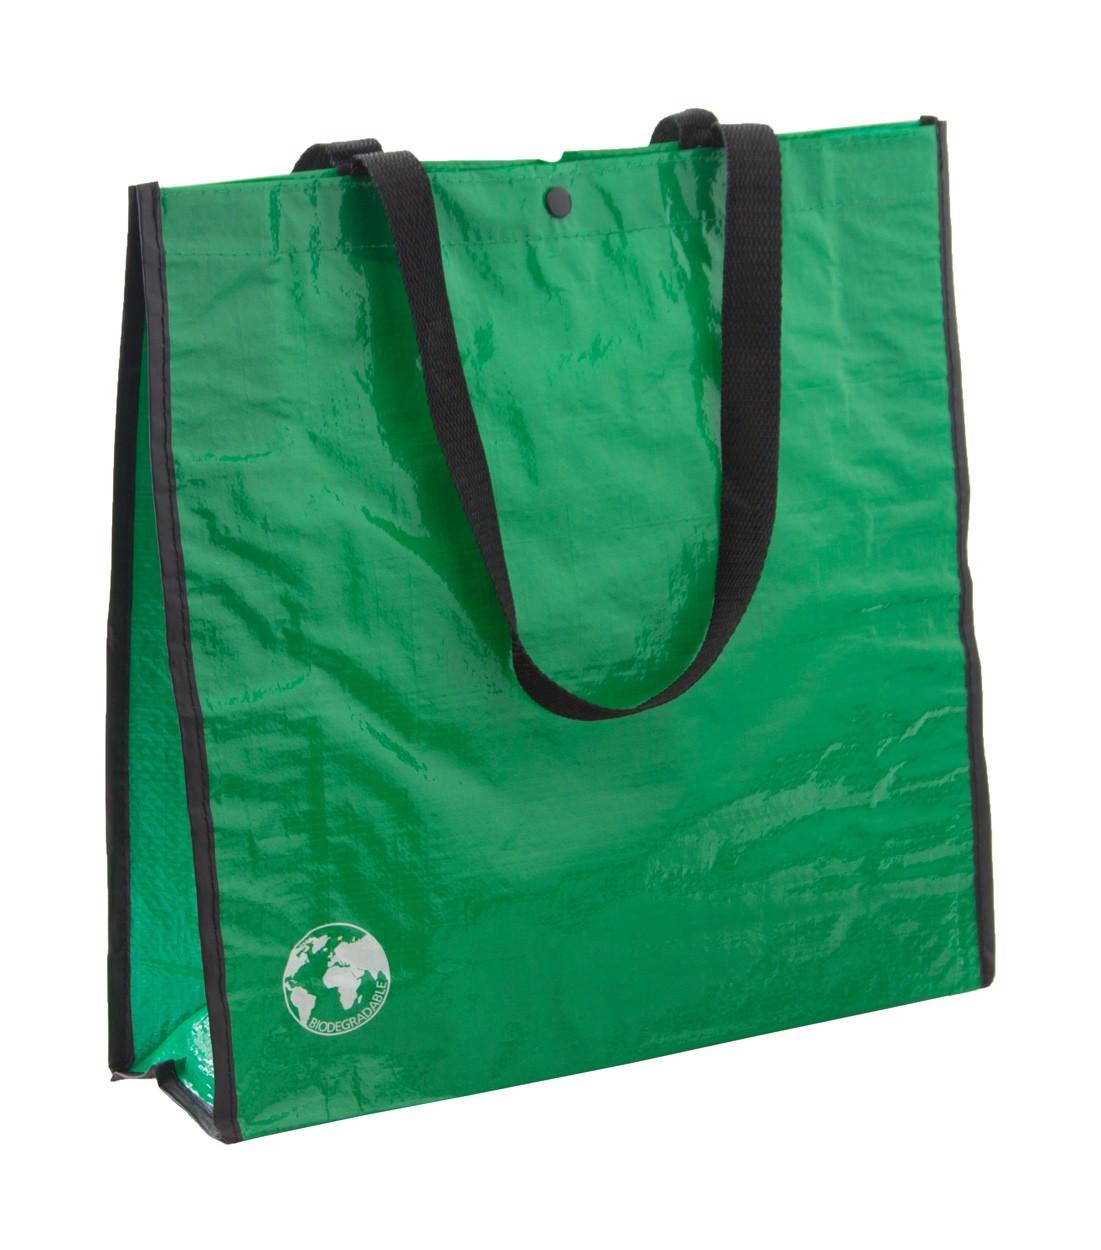 Nákupní Taška Z Recyklovaného Materiálu Recycle - Zelená / Černá